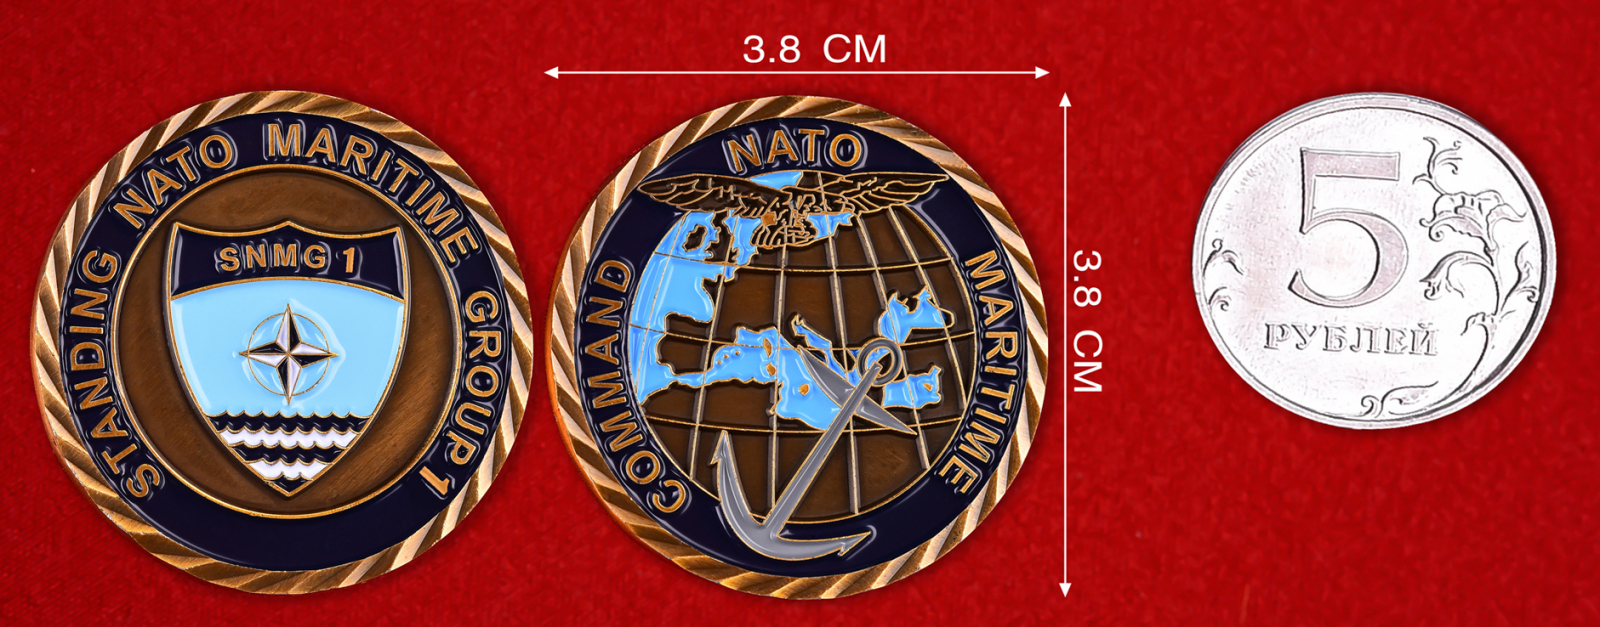 """Челлендж коин НАТО """"1-я постоянная военно-морская группа"""""""